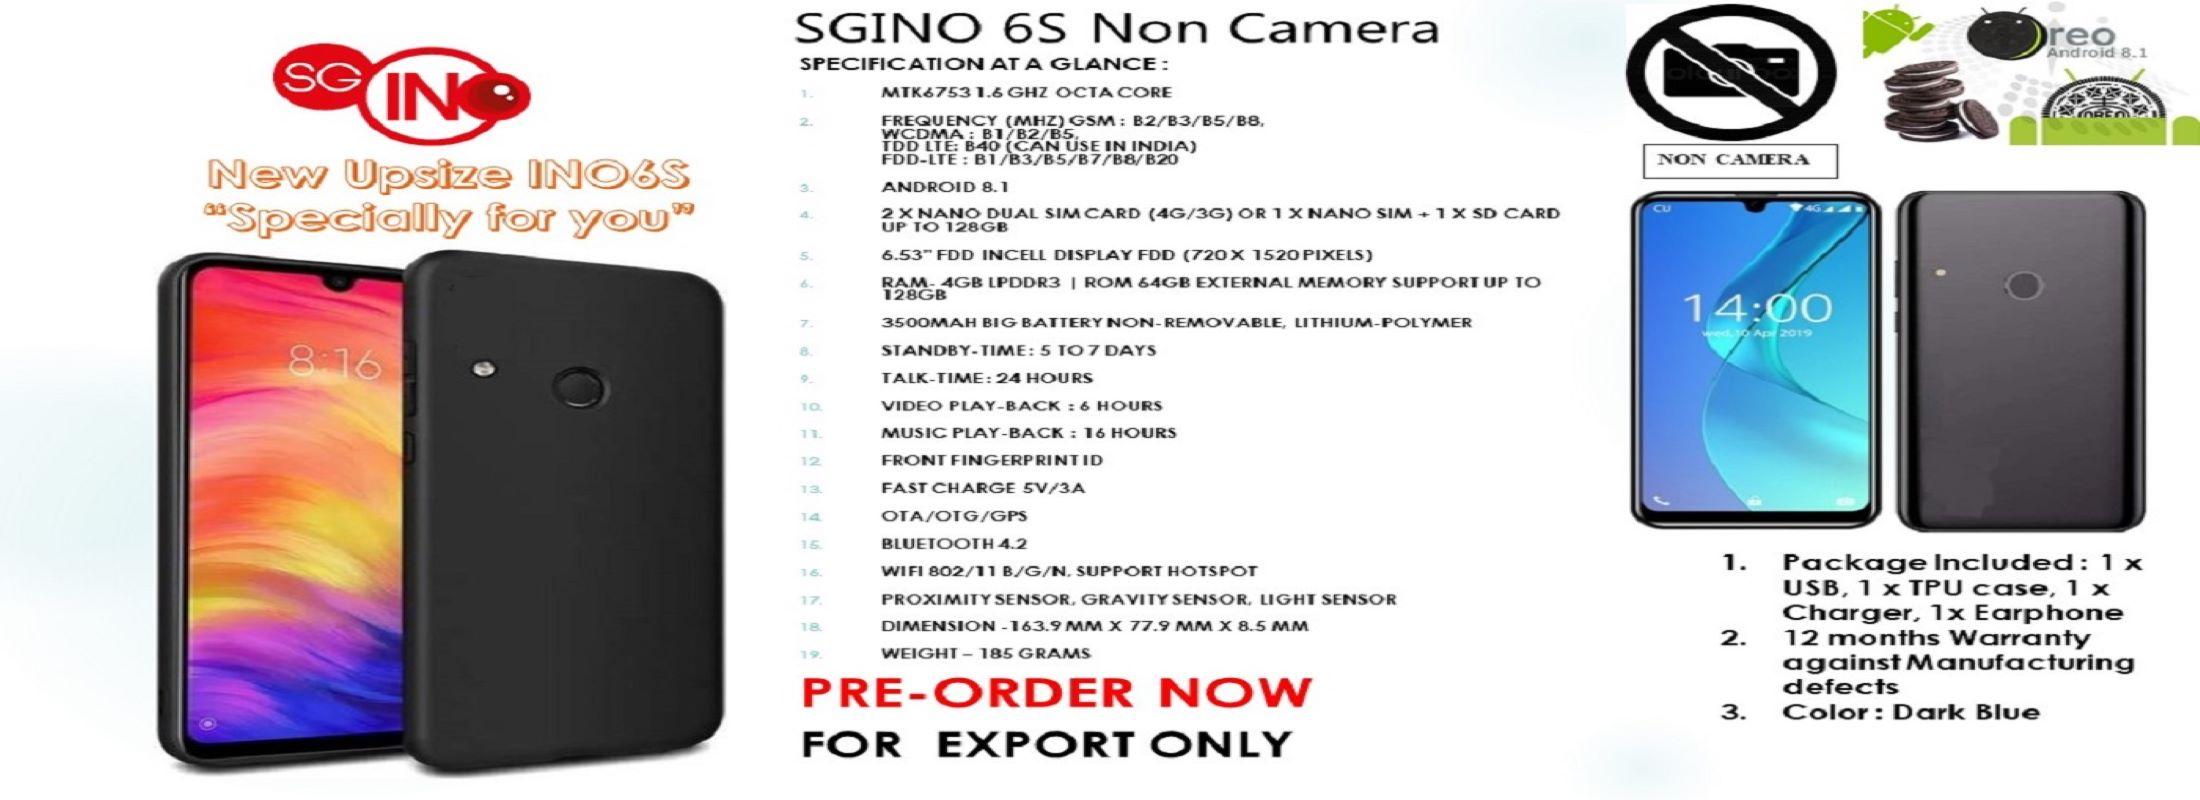 SGINO-6s-Non-Cameradwa